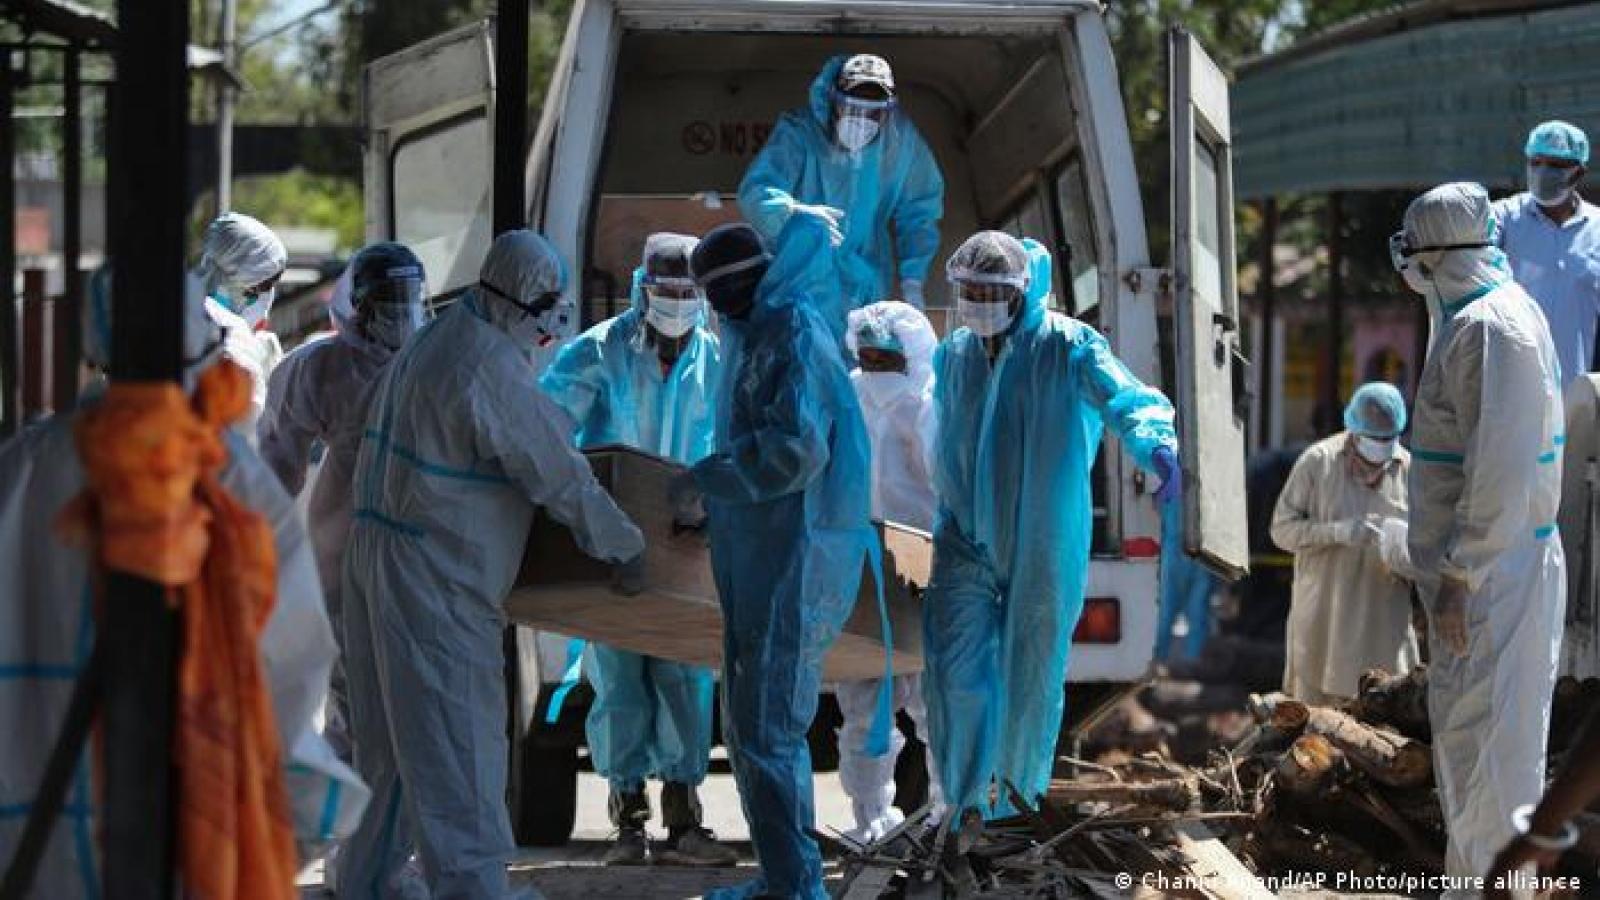 Hàn Quốc hỗ trợ thiết bị y tế cho Ấn Độ chống dịch Covid-19